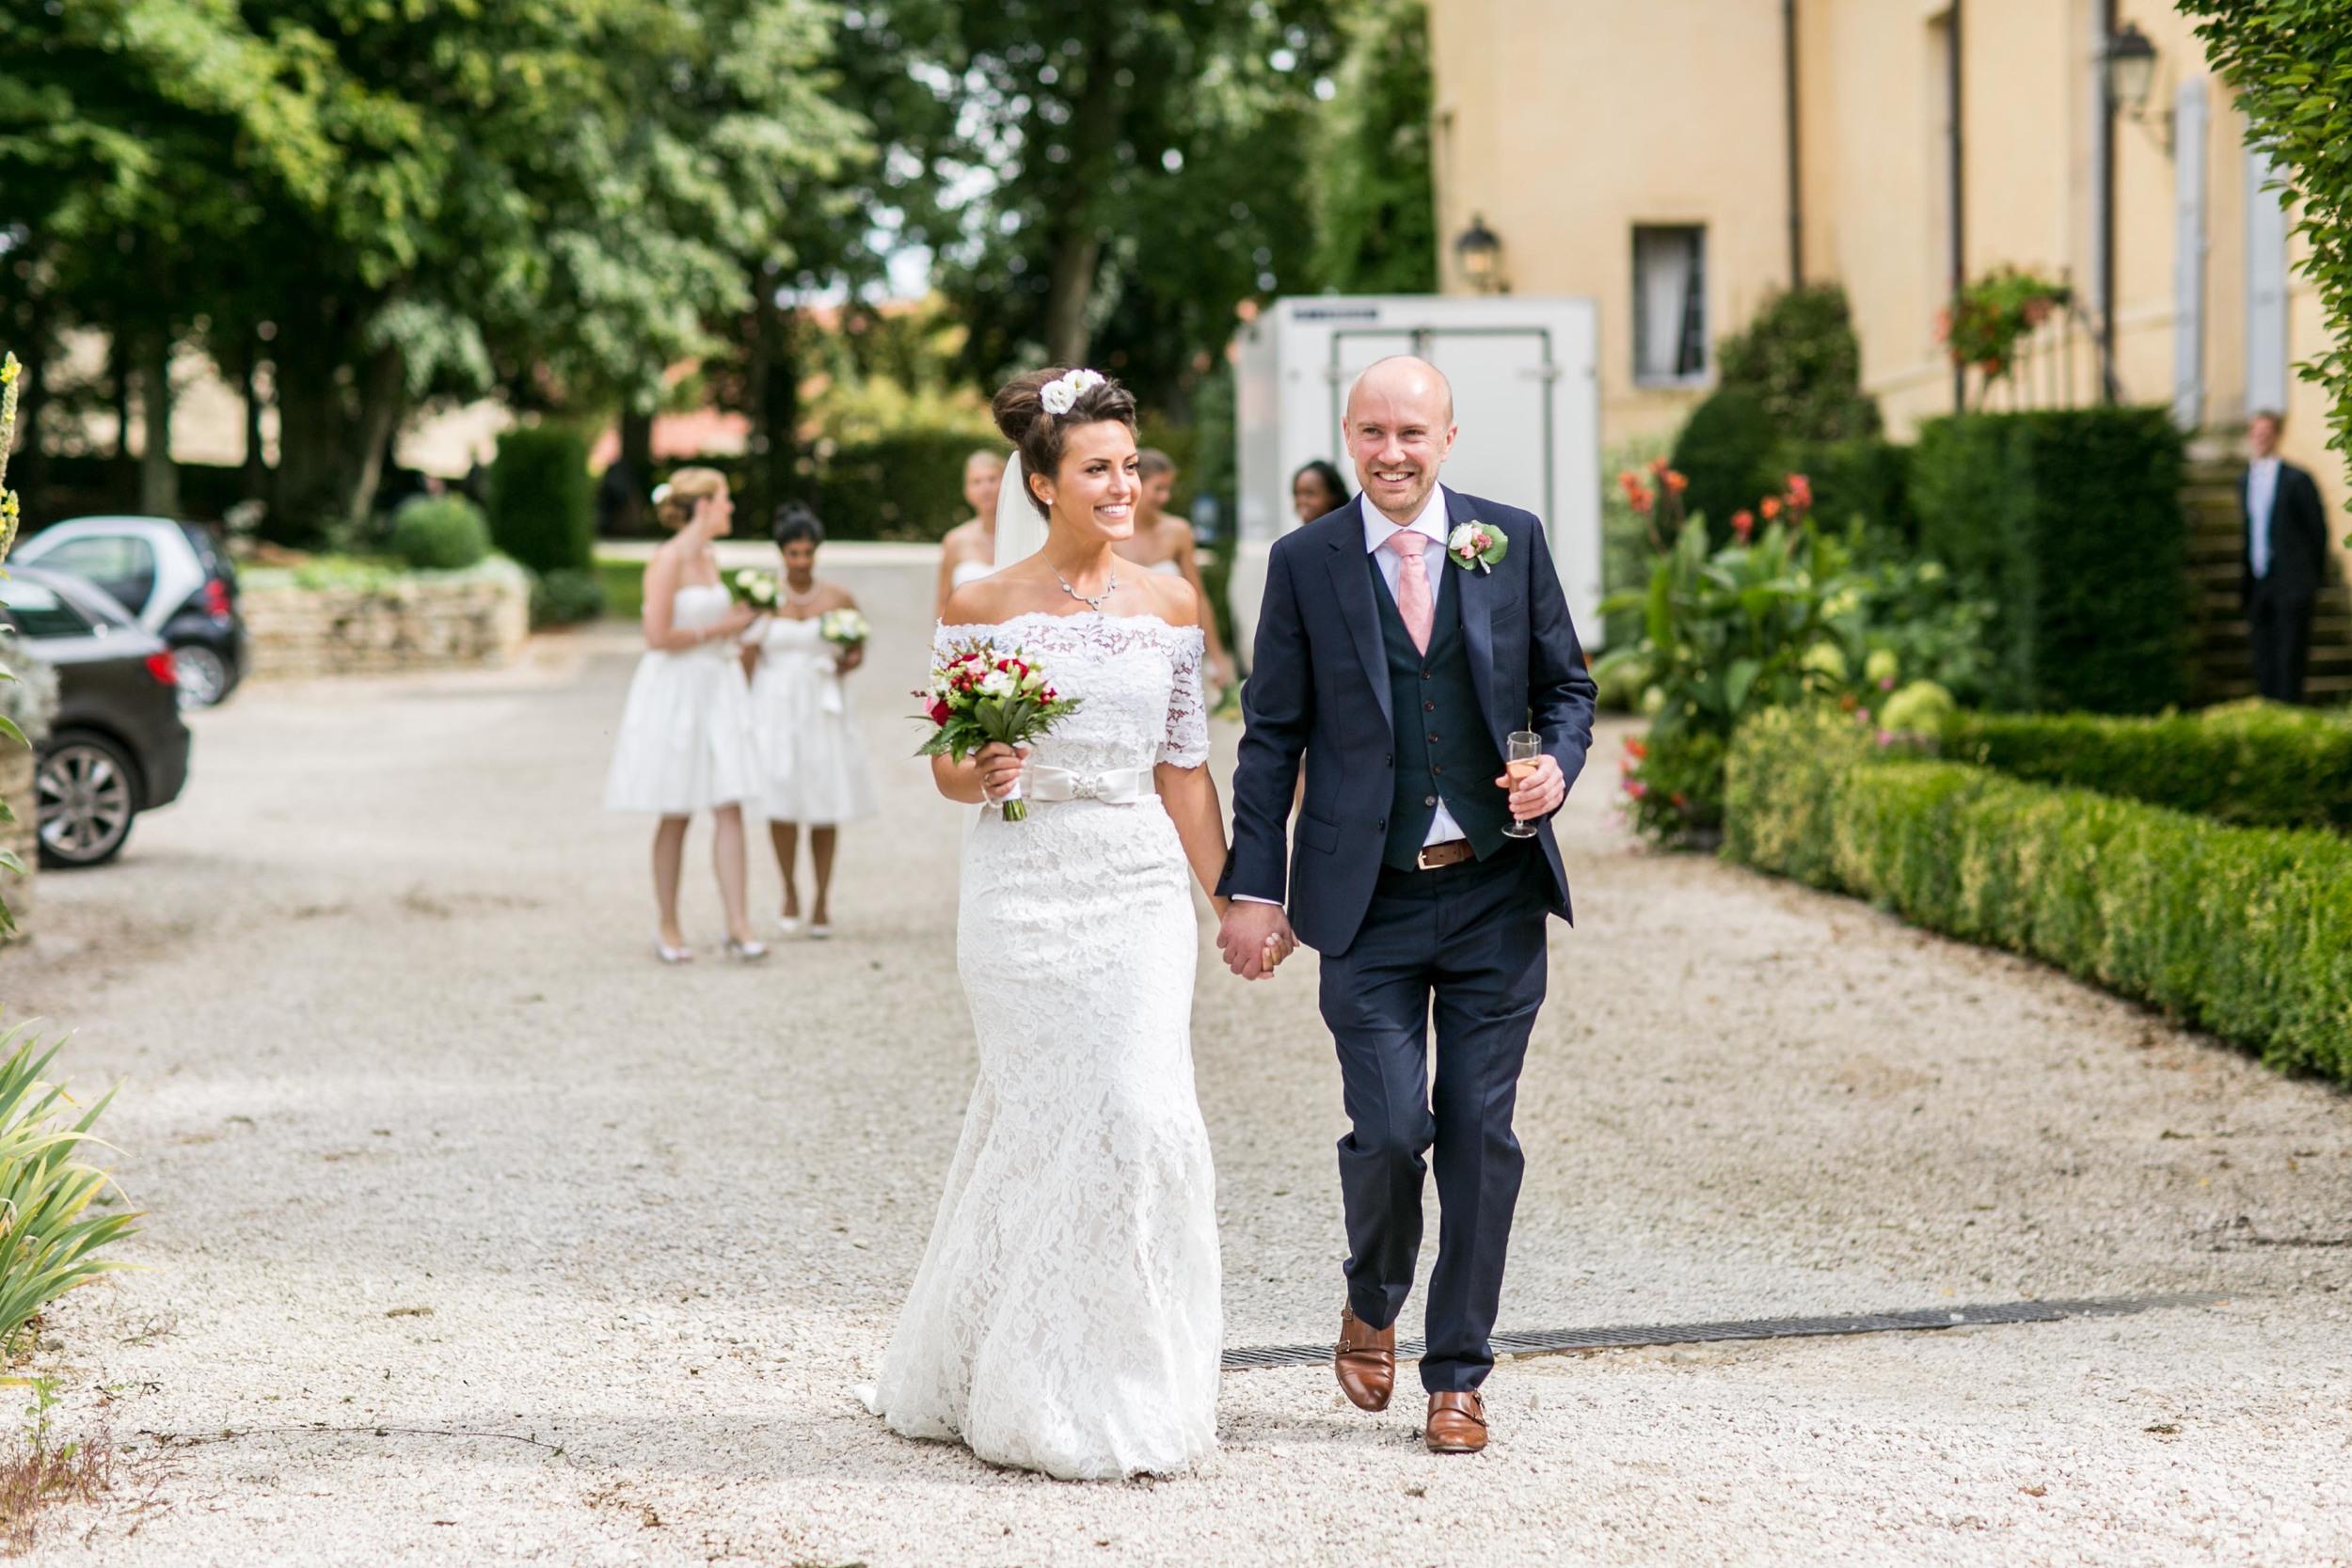 Berlin Hochzeitsfotografin_Destination Wedding Photographer-70.jpg